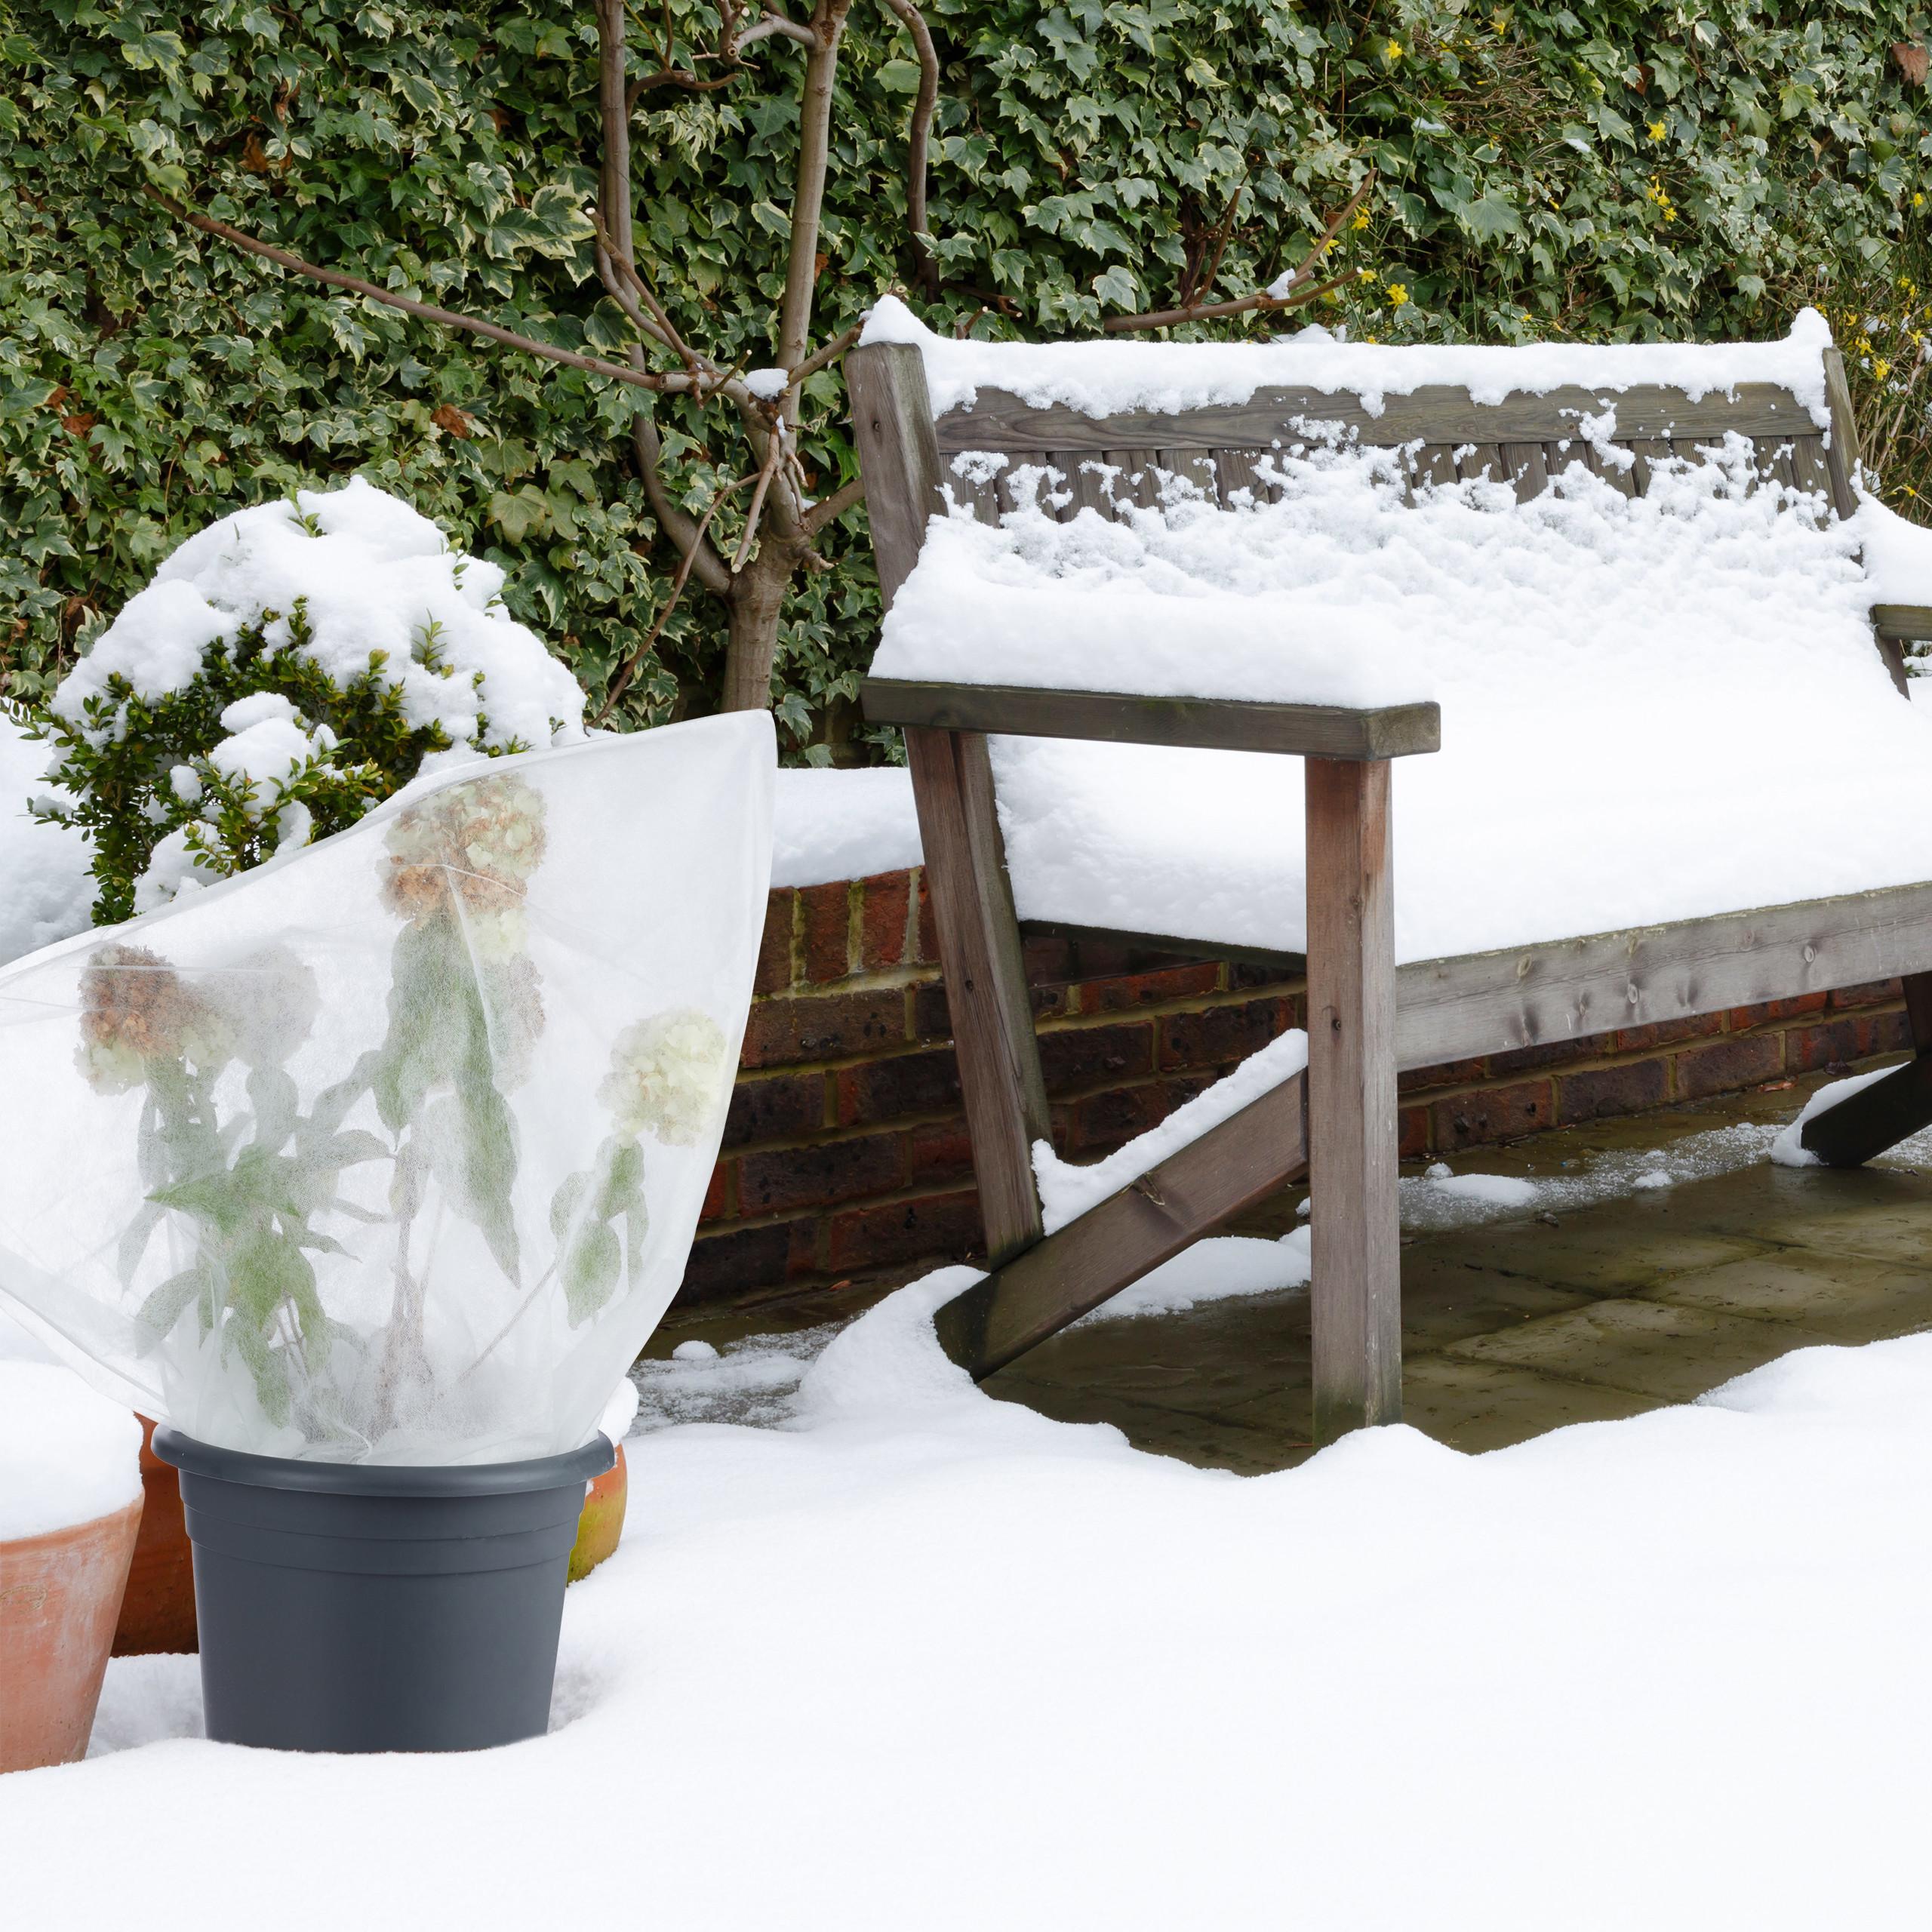 Wintervlies 2er Set Gartenvlies Frostschutzvlies für Pflanzen Kälteschutz xxl